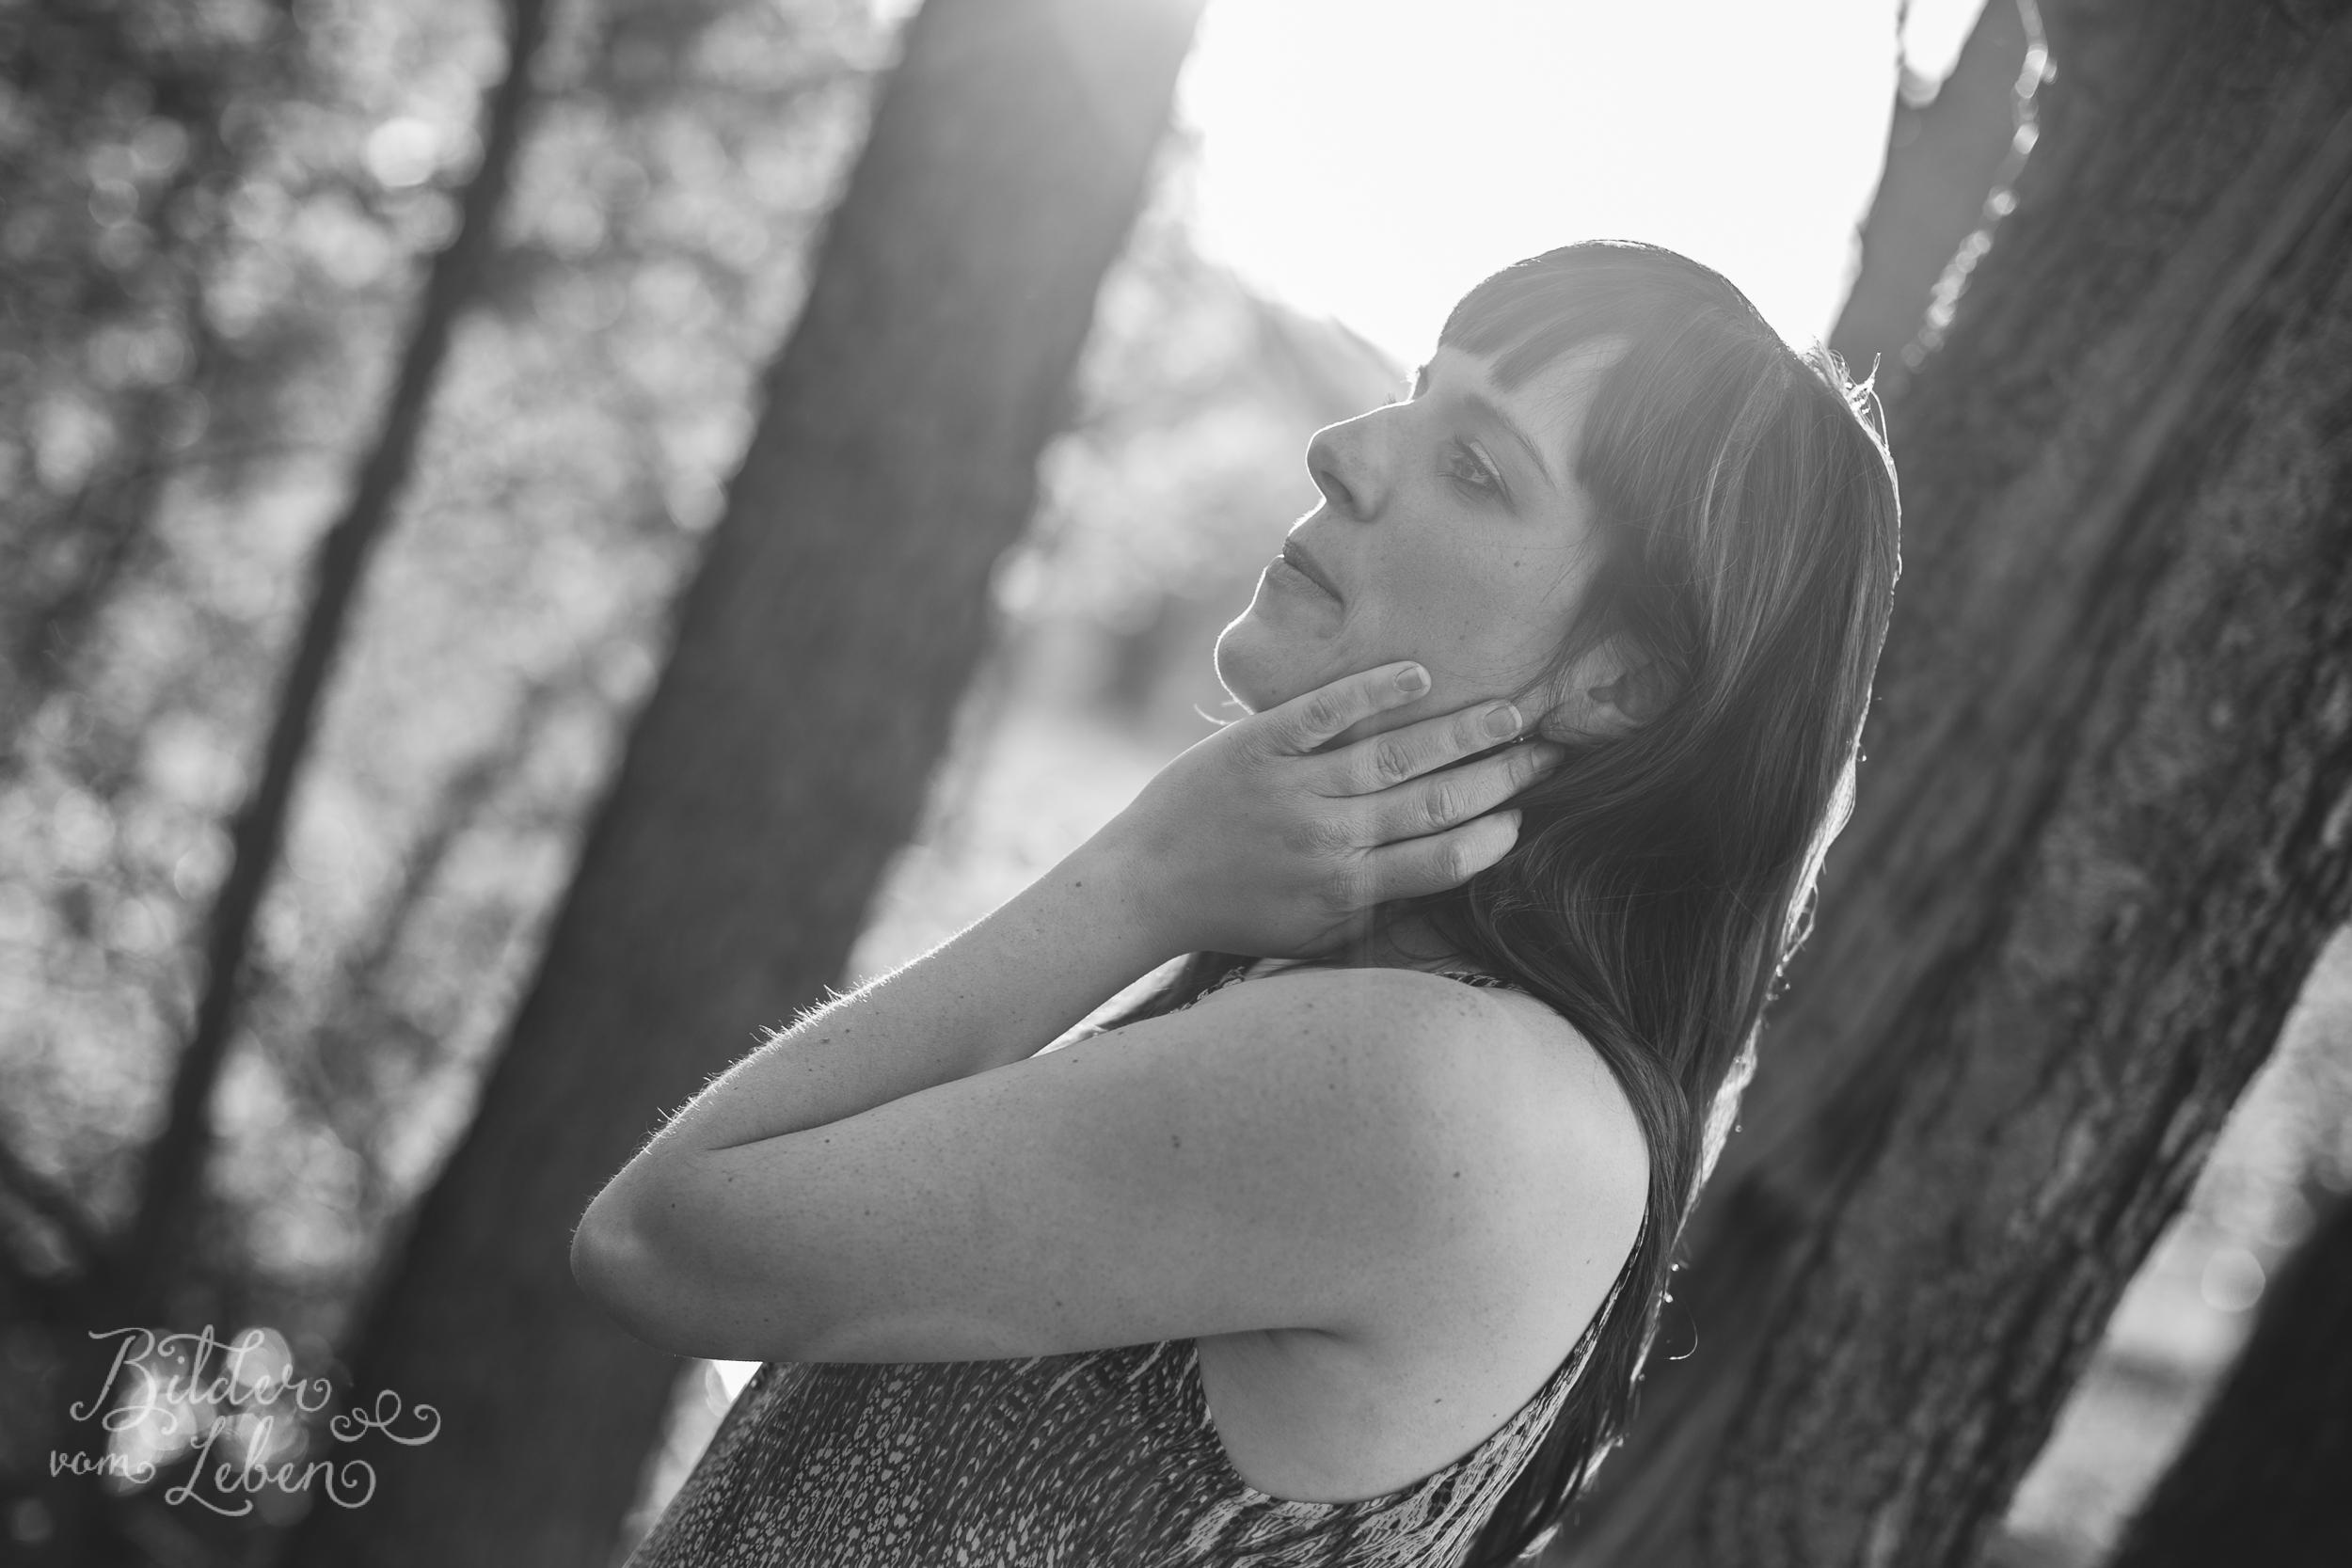 BildervomLeben-Fotografie-Christina-Heinig-Portraits-Gegenlicht-Susanne-2016-5759